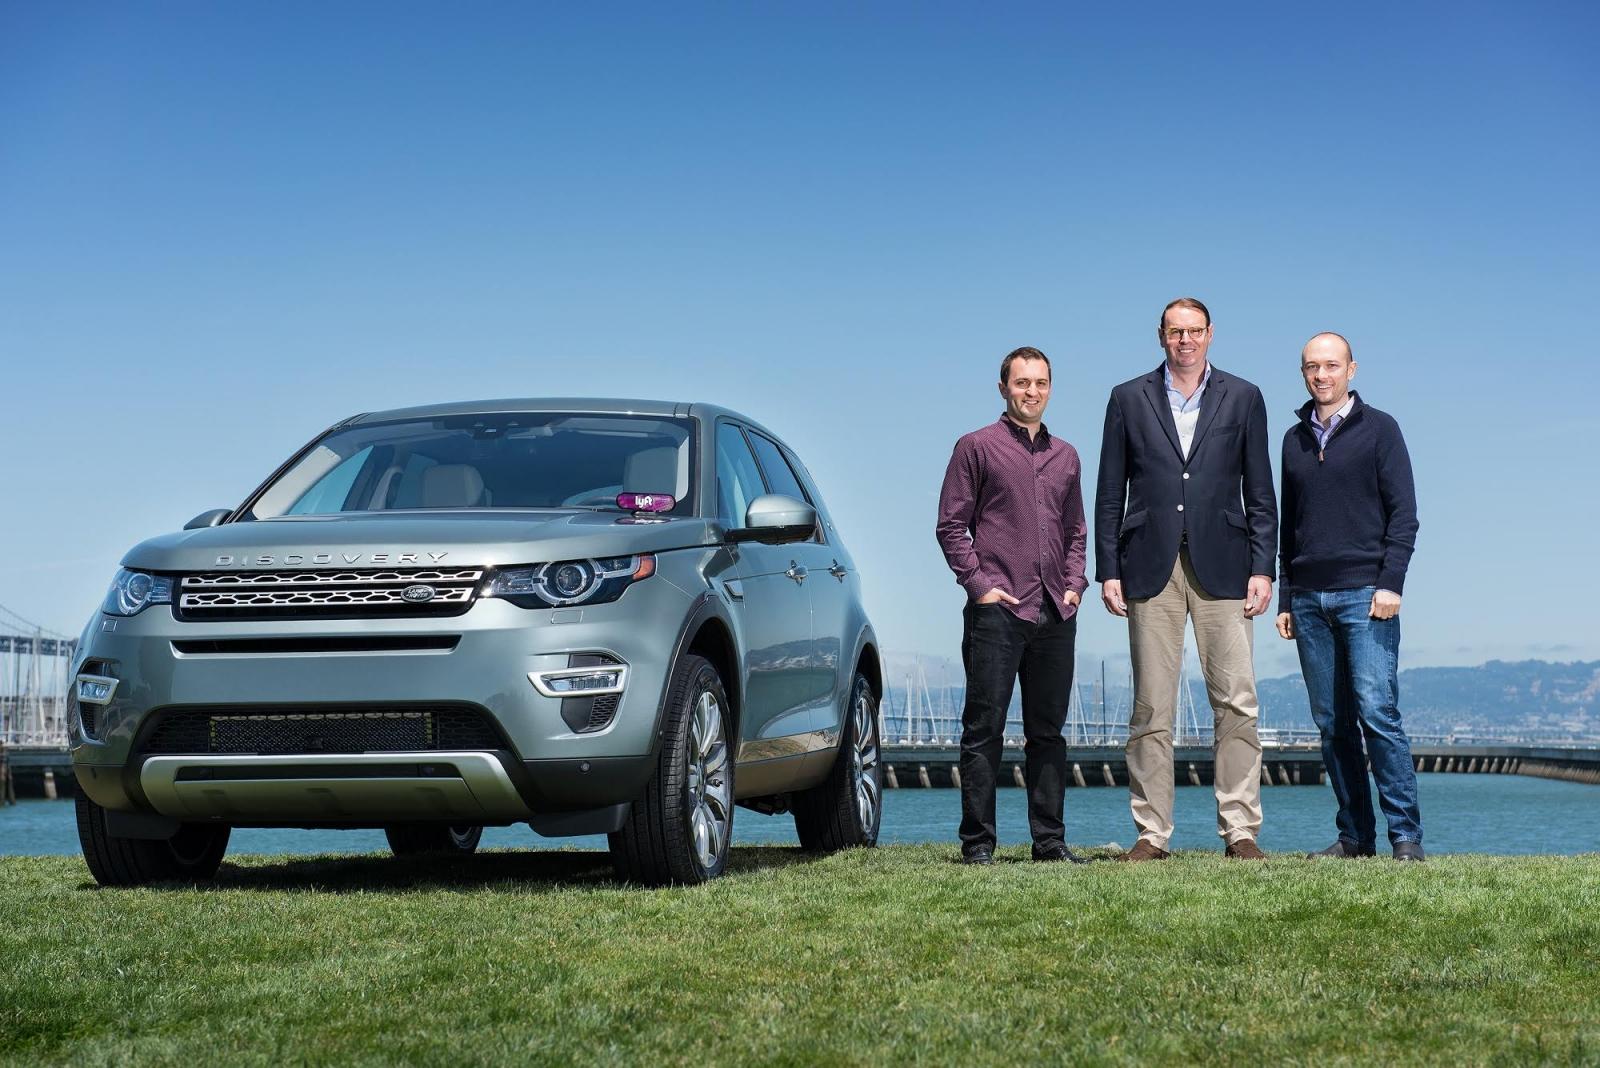 From left: Lyft president John Zimmer, Hanno Kirner of JLR and Logan Green, CEO of Lyft